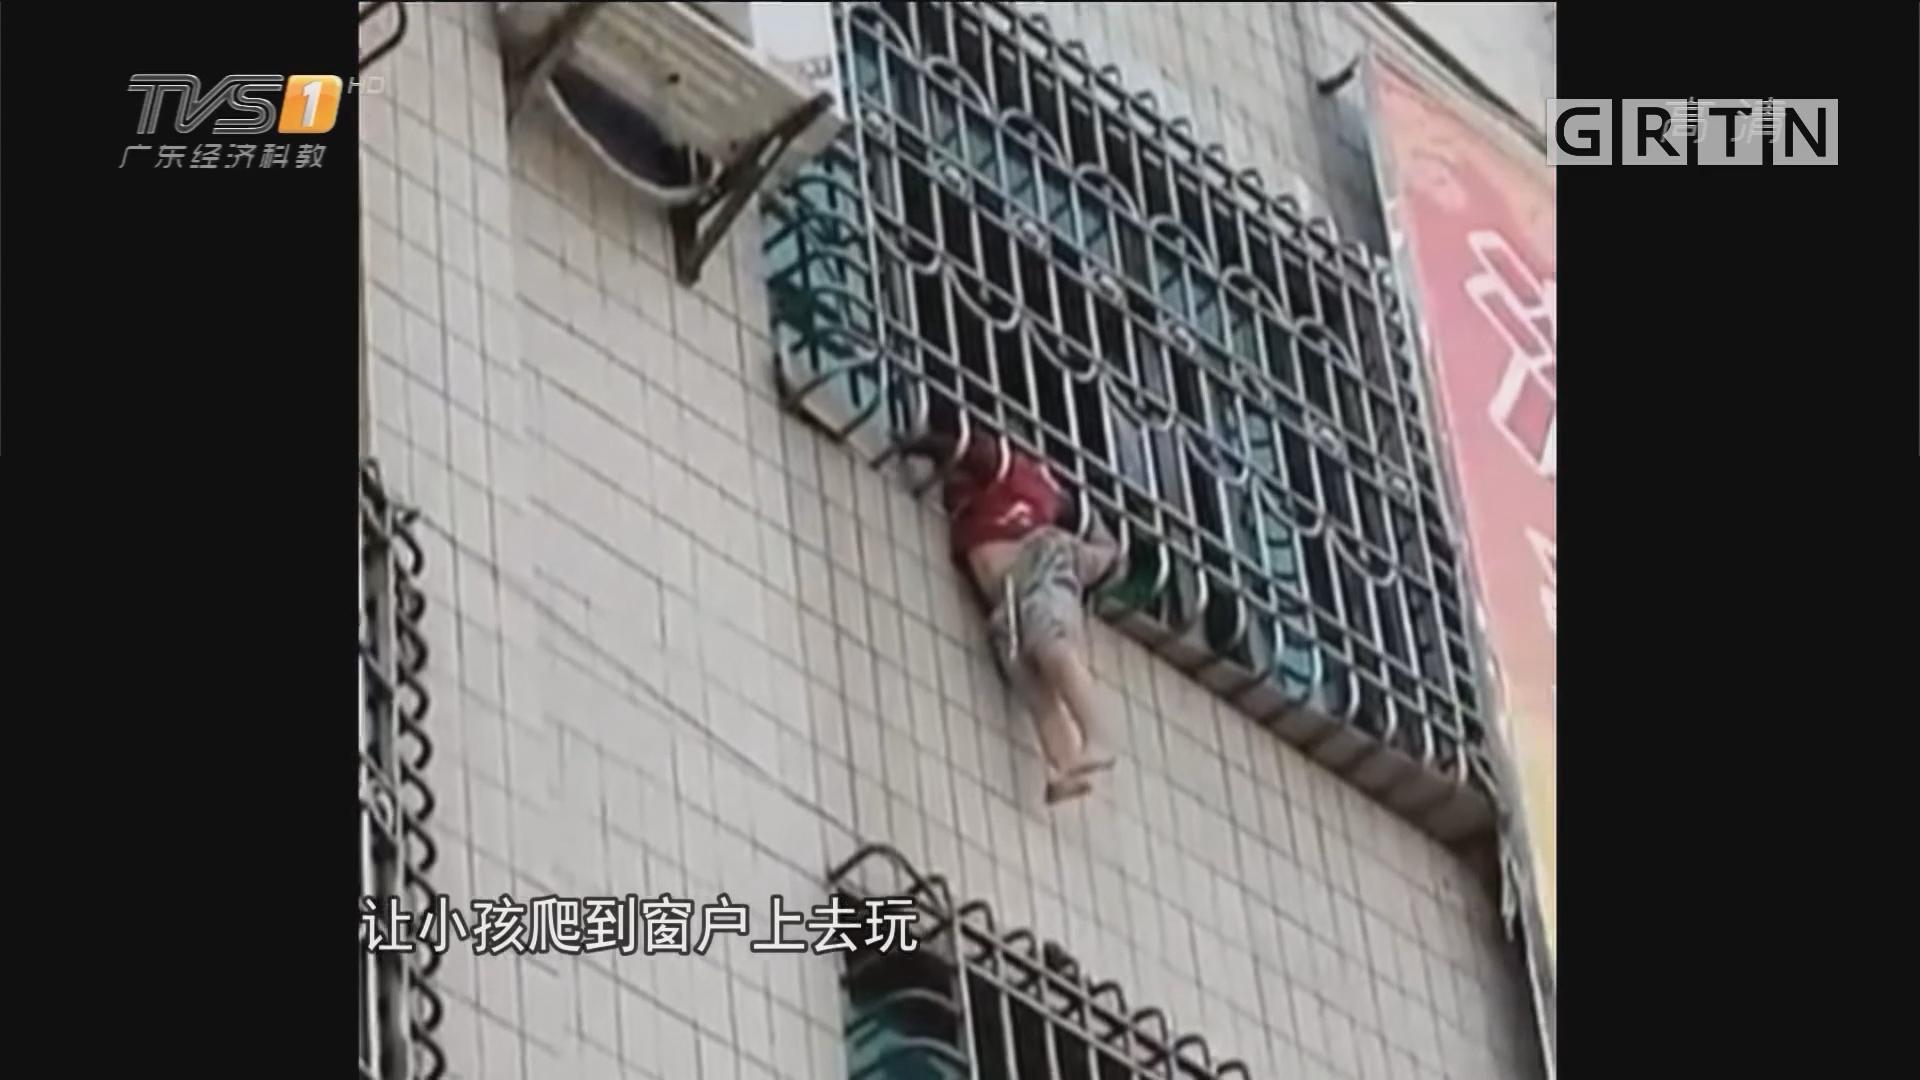 关注儿童安全:湛江雷州 三岁童被卡防盗网 民警连破两道门施救